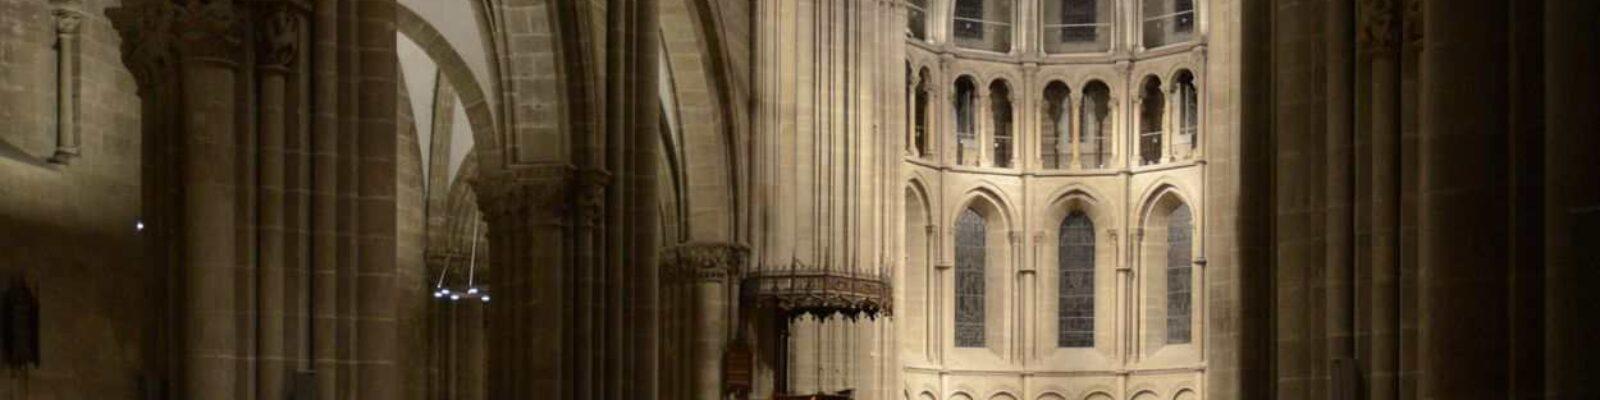 Switzerland Geneva Saint-Pierre Cathedral altare visto dall'ingresso - illuminazione musei